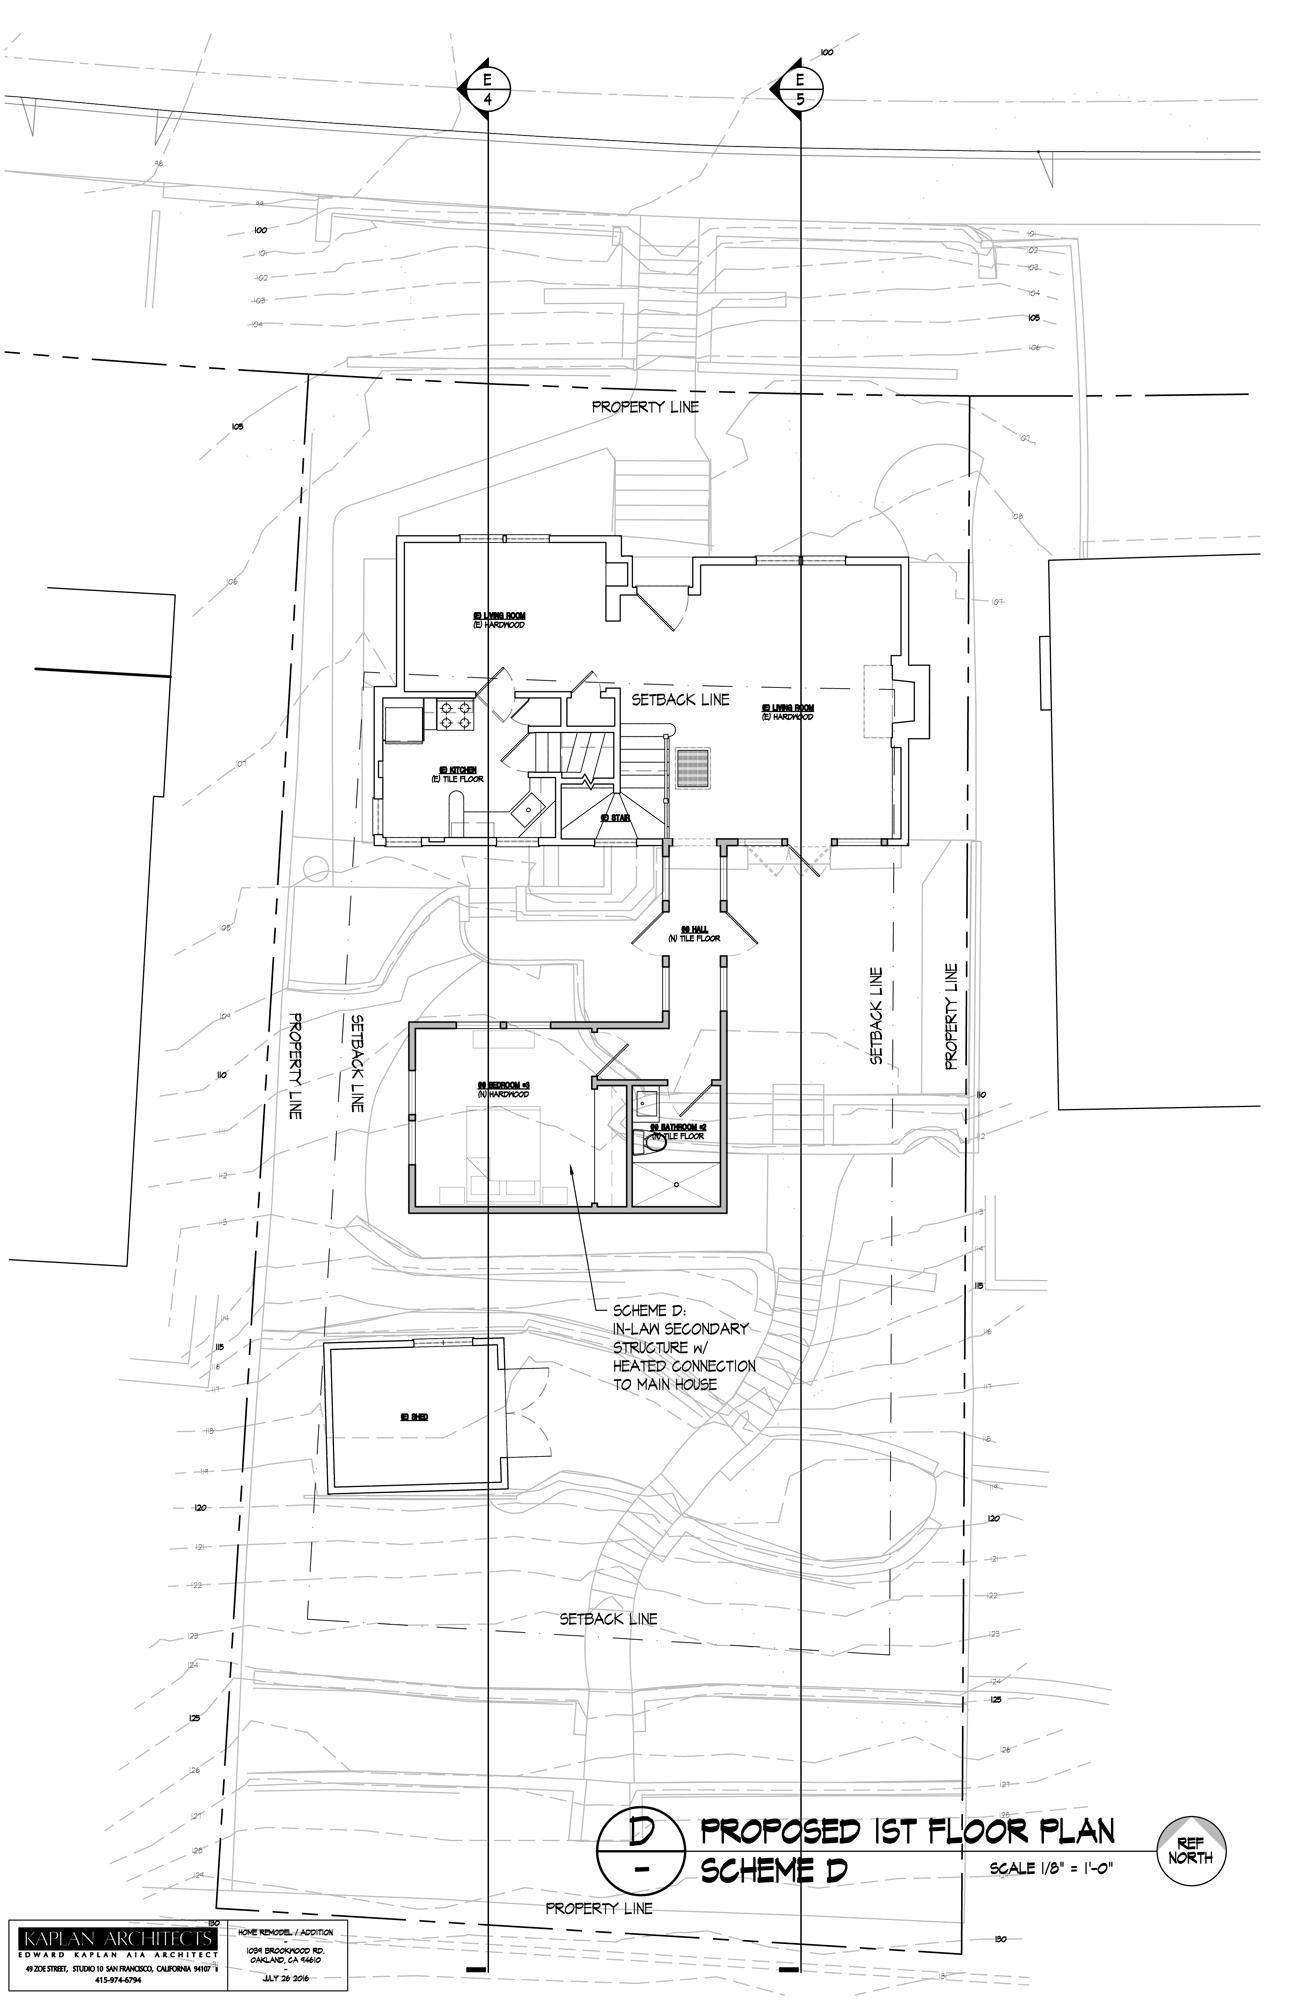 Master-Plan-Scheme-D.jpg